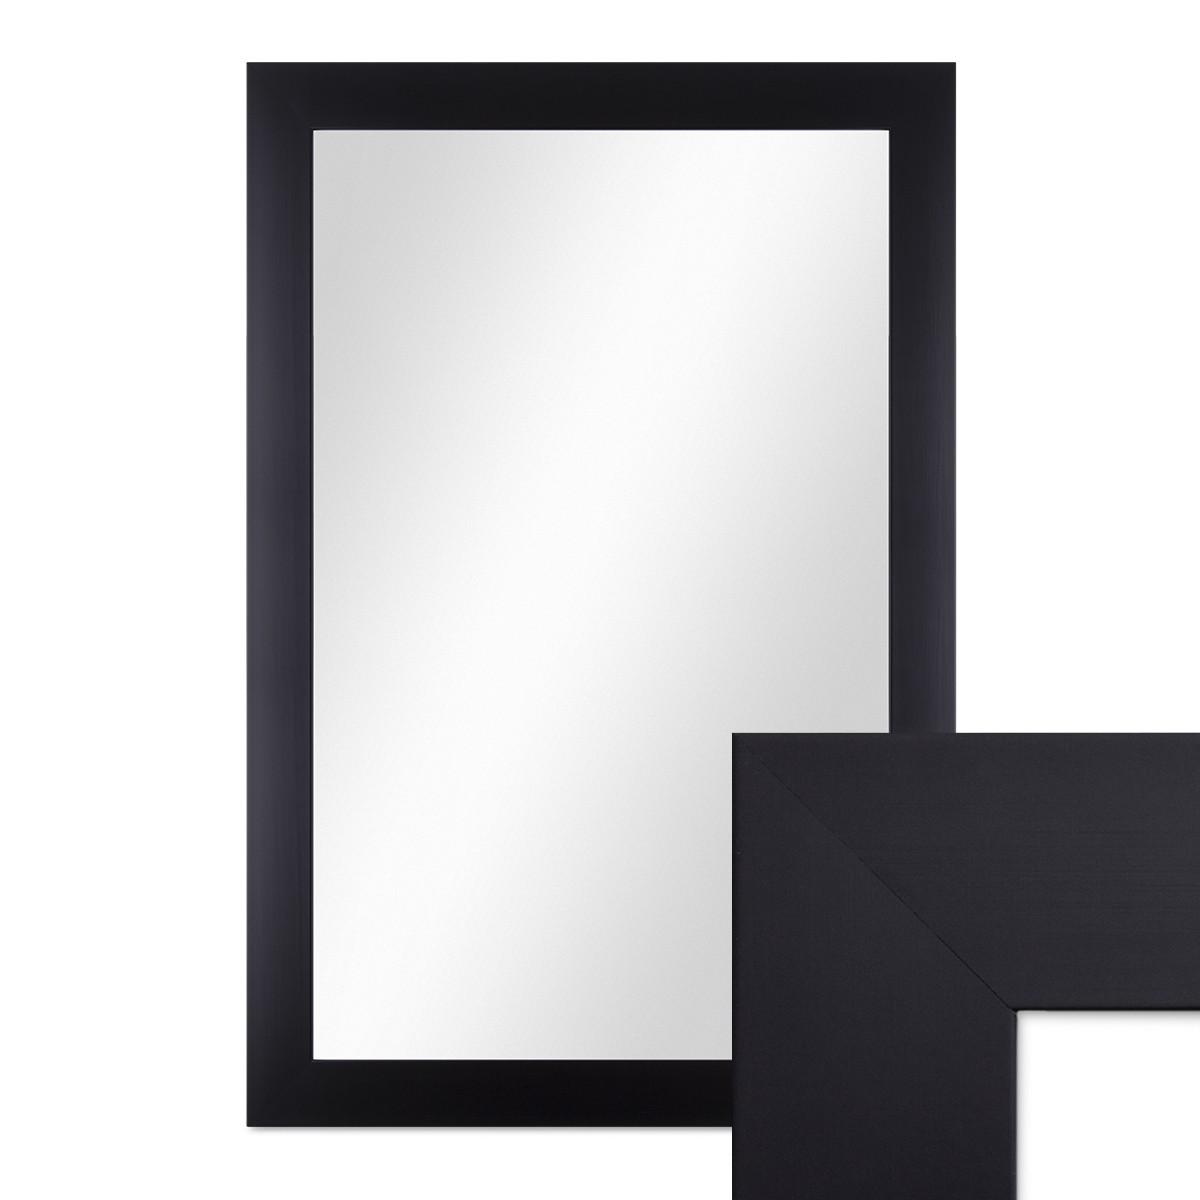 wand spiegel 48x68 cm schlicht modern schwarz spiegelfl che 40x60 cm spiegel. Black Bedroom Furniture Sets. Home Design Ideas